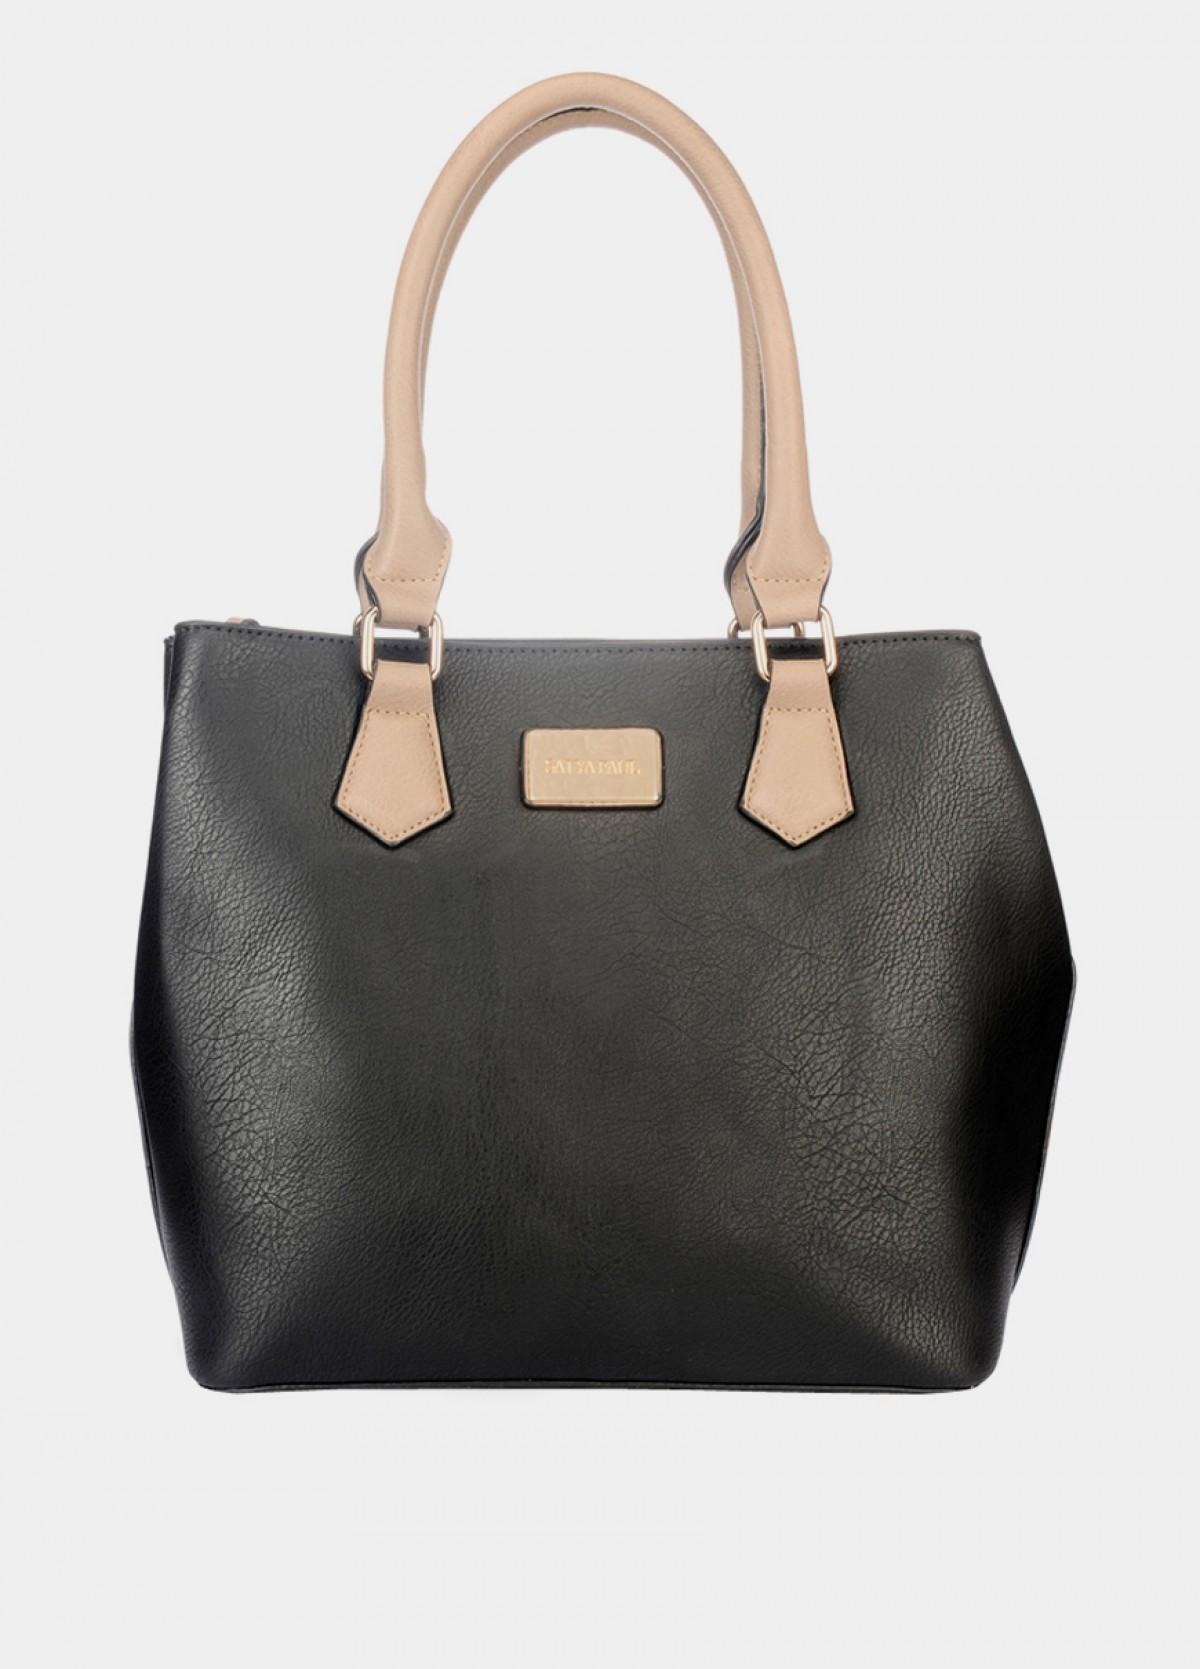 The Black Shoulder Bag Handbag